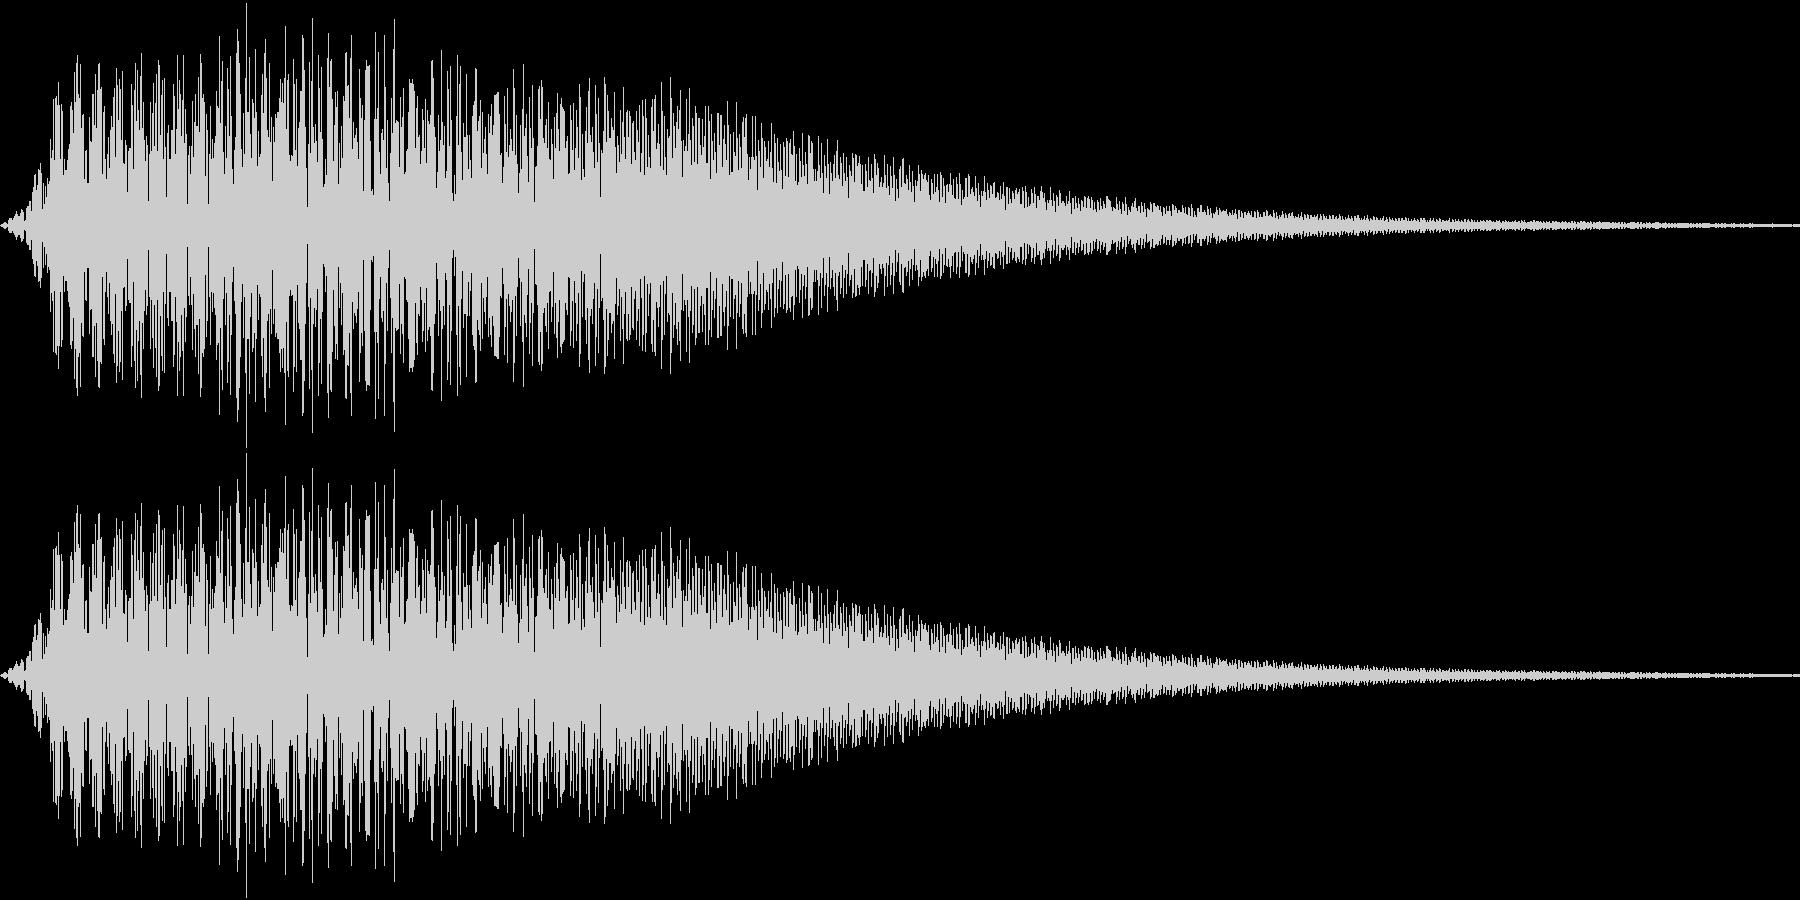 ピンポーン(一回だけ)の未再生の波形